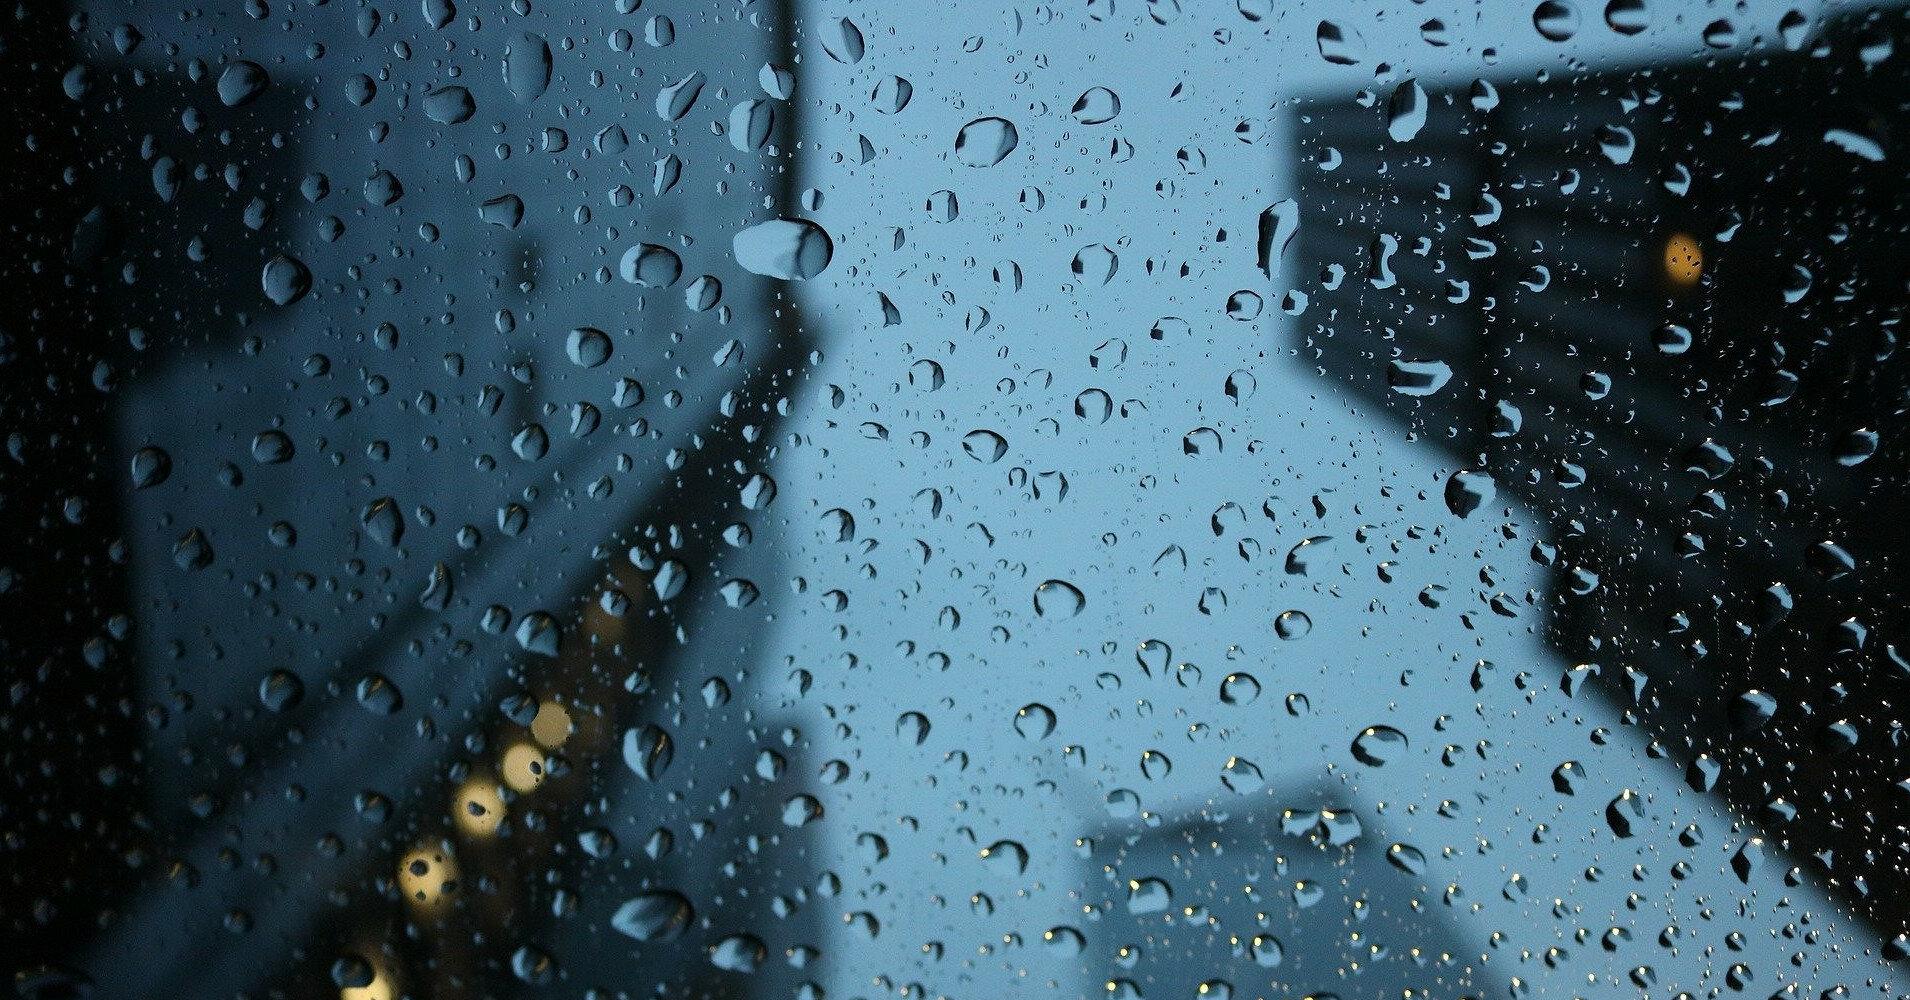 В Украину частично вернутся дожди: какие области зальет